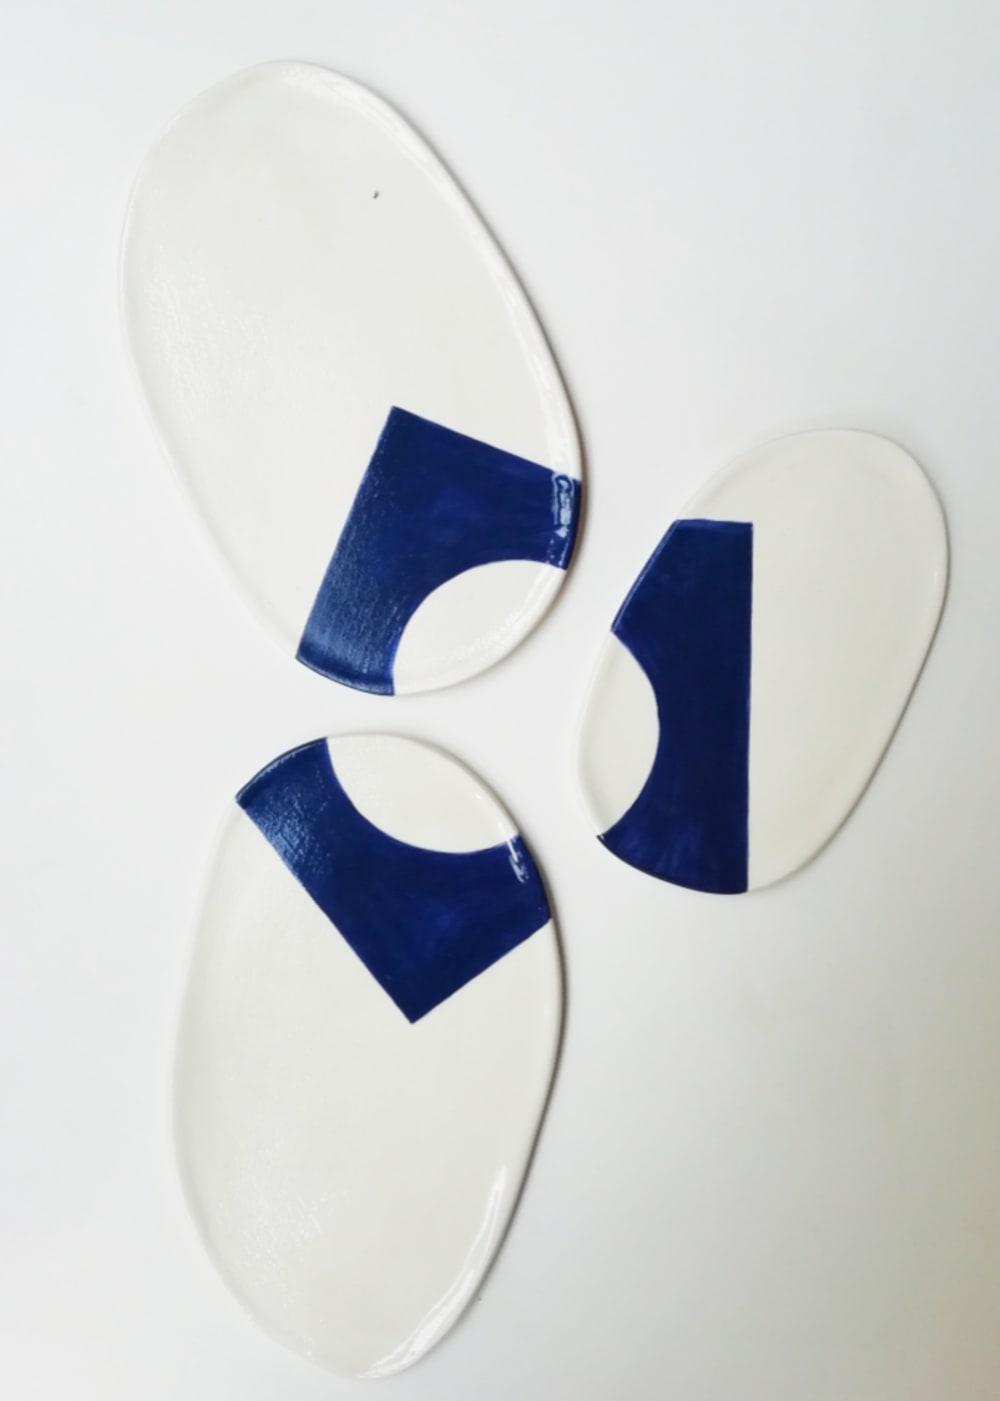 Assiettes Géométriques - Véronique Le Besnerais